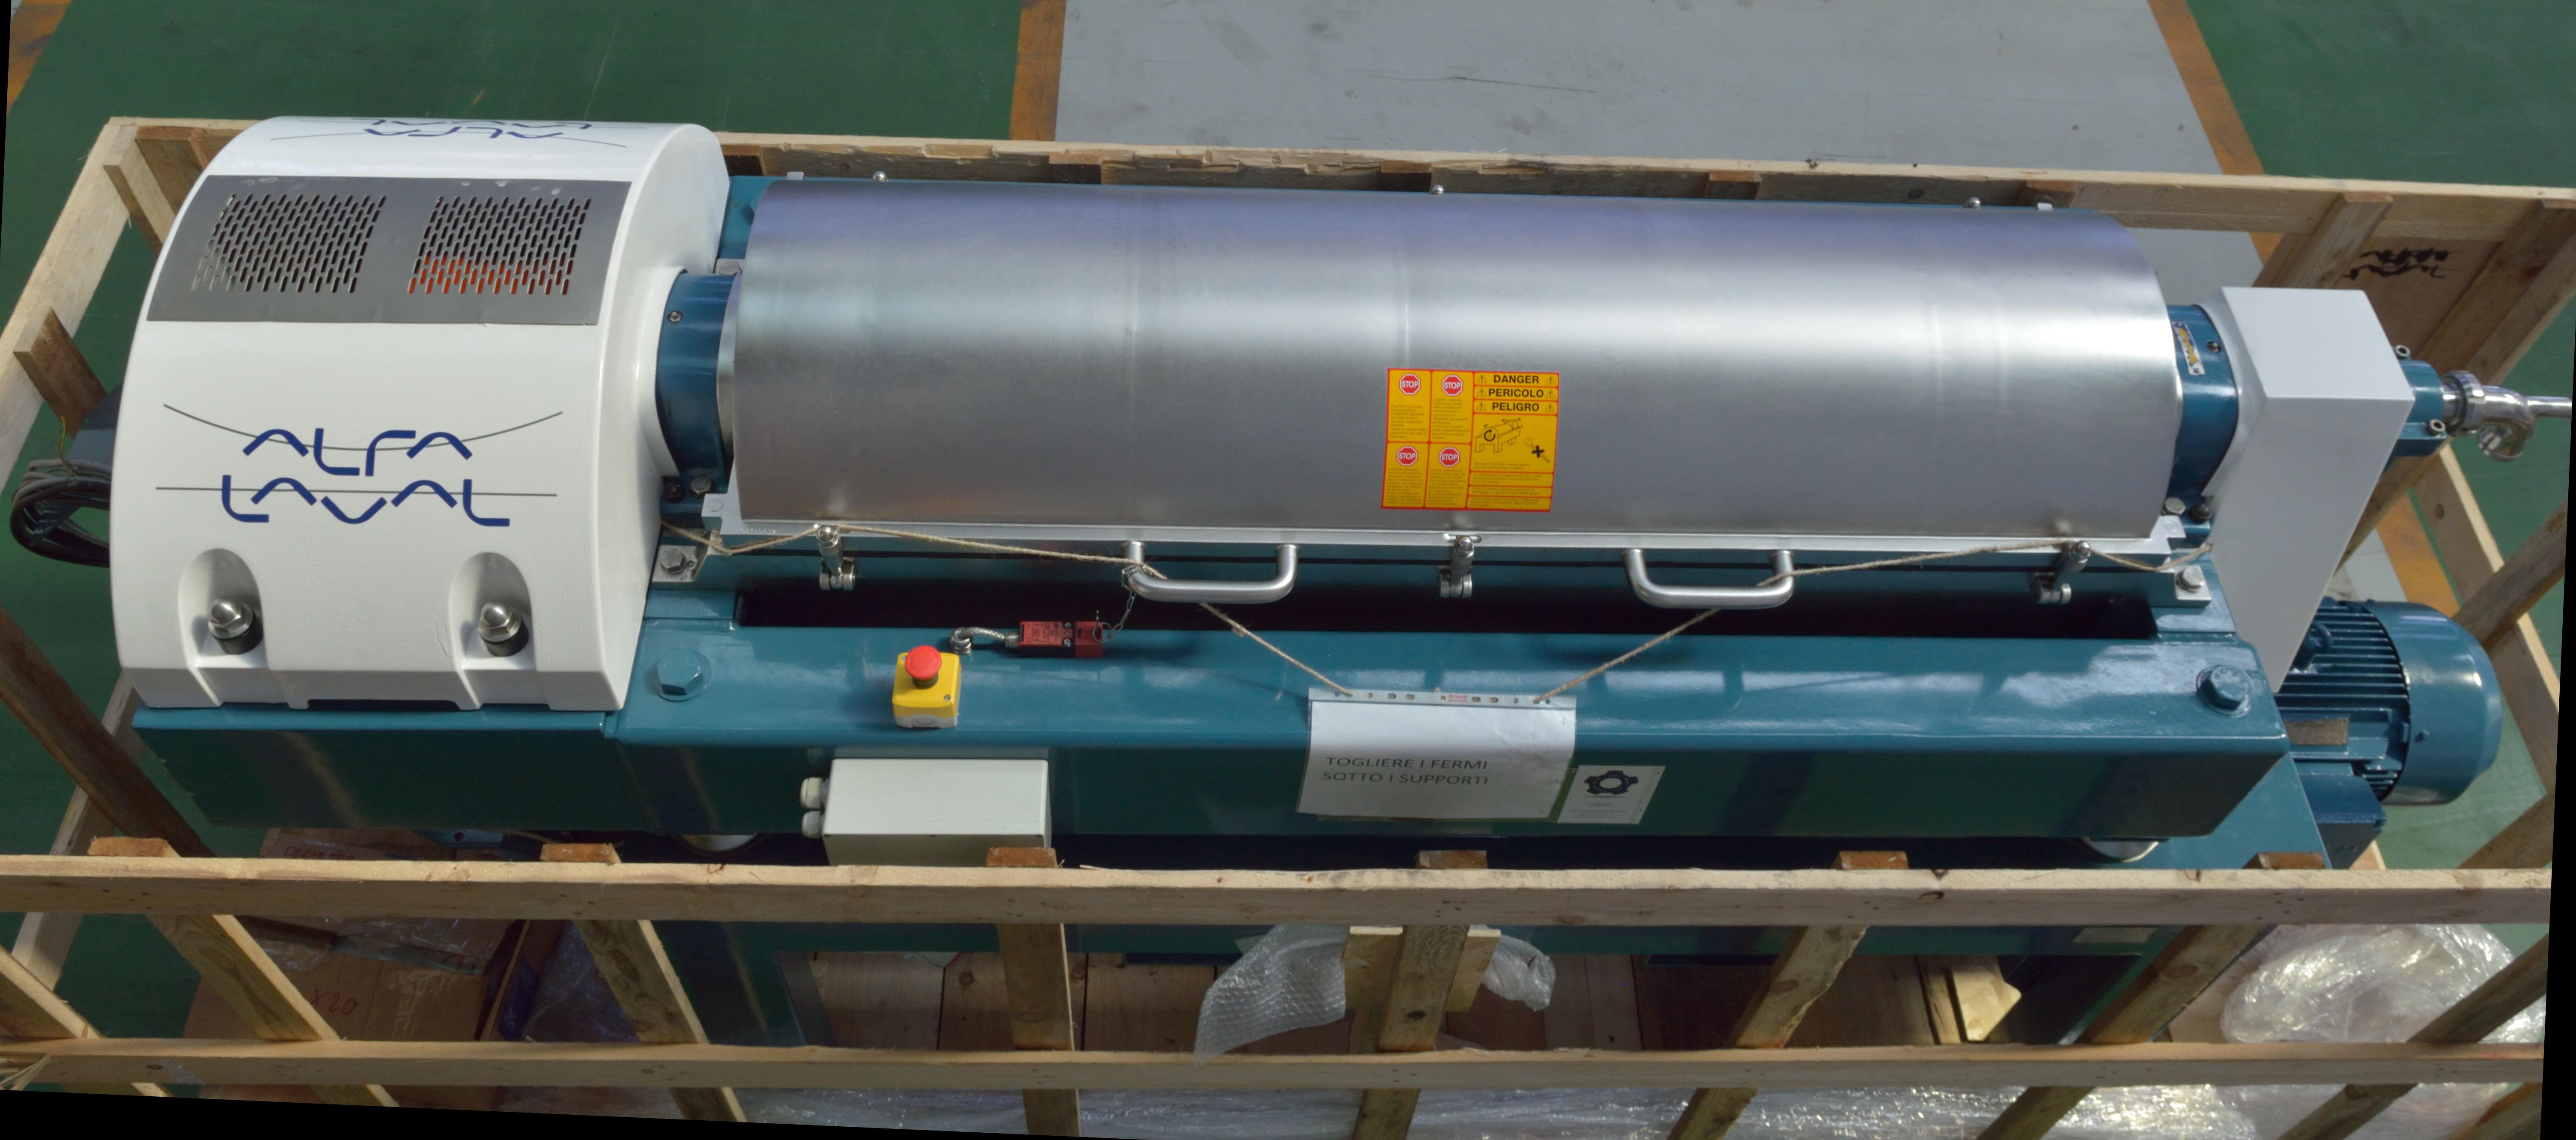 Centrifuga alfa laval usate теплообменники для газовых колонок bosch